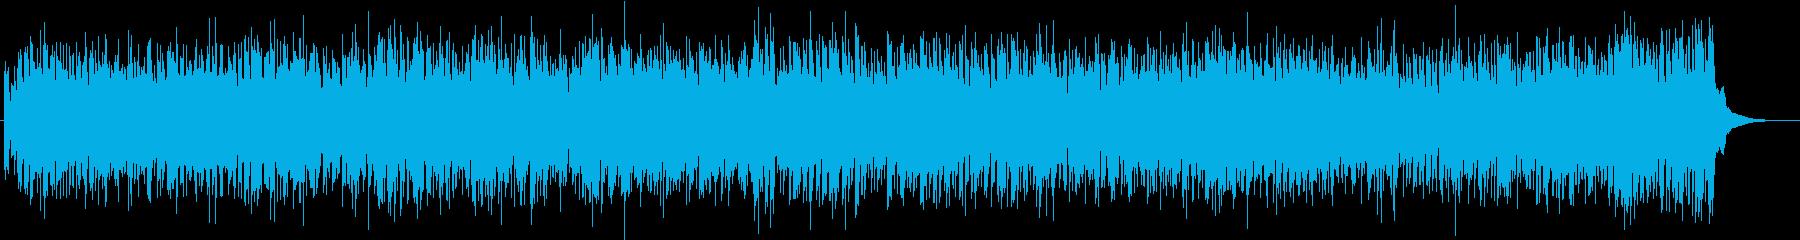 疾走感のあるレトロジャズフィドルバンドの再生済みの波形